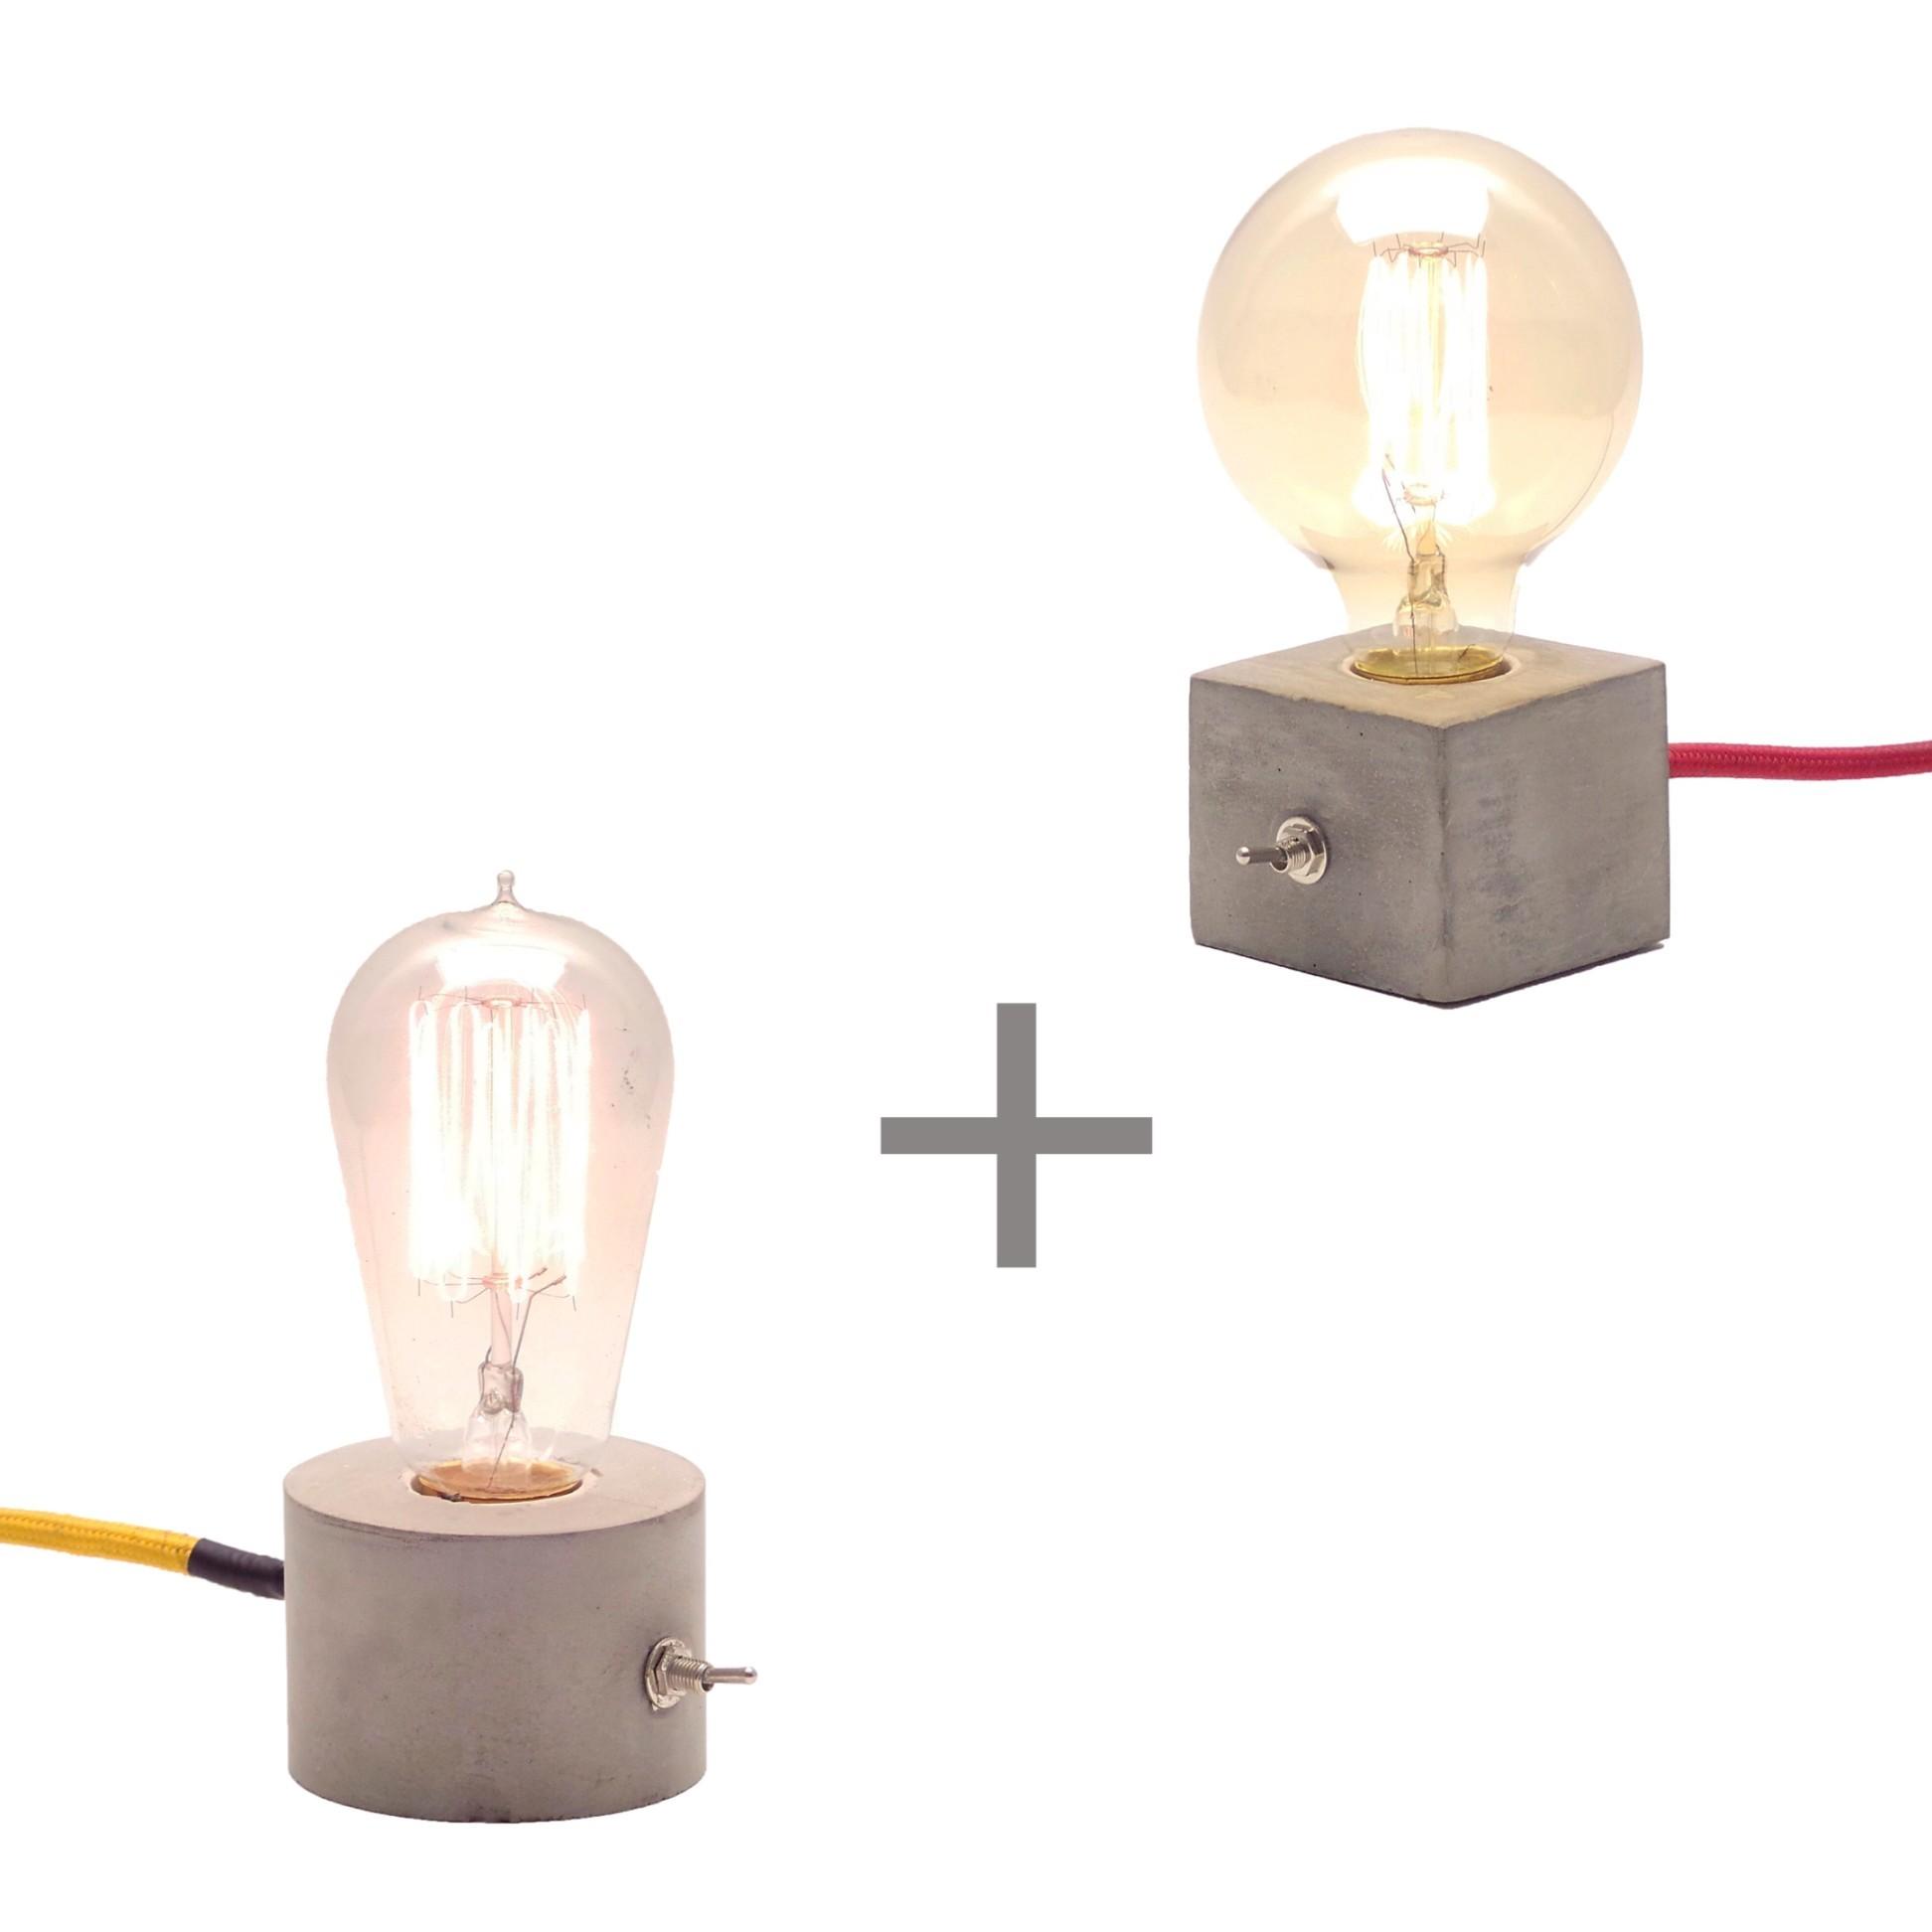 Combo duas Luminárias de Mesa Abajur Dado + Luminária Roda Promoção  - ZOLT luminárias